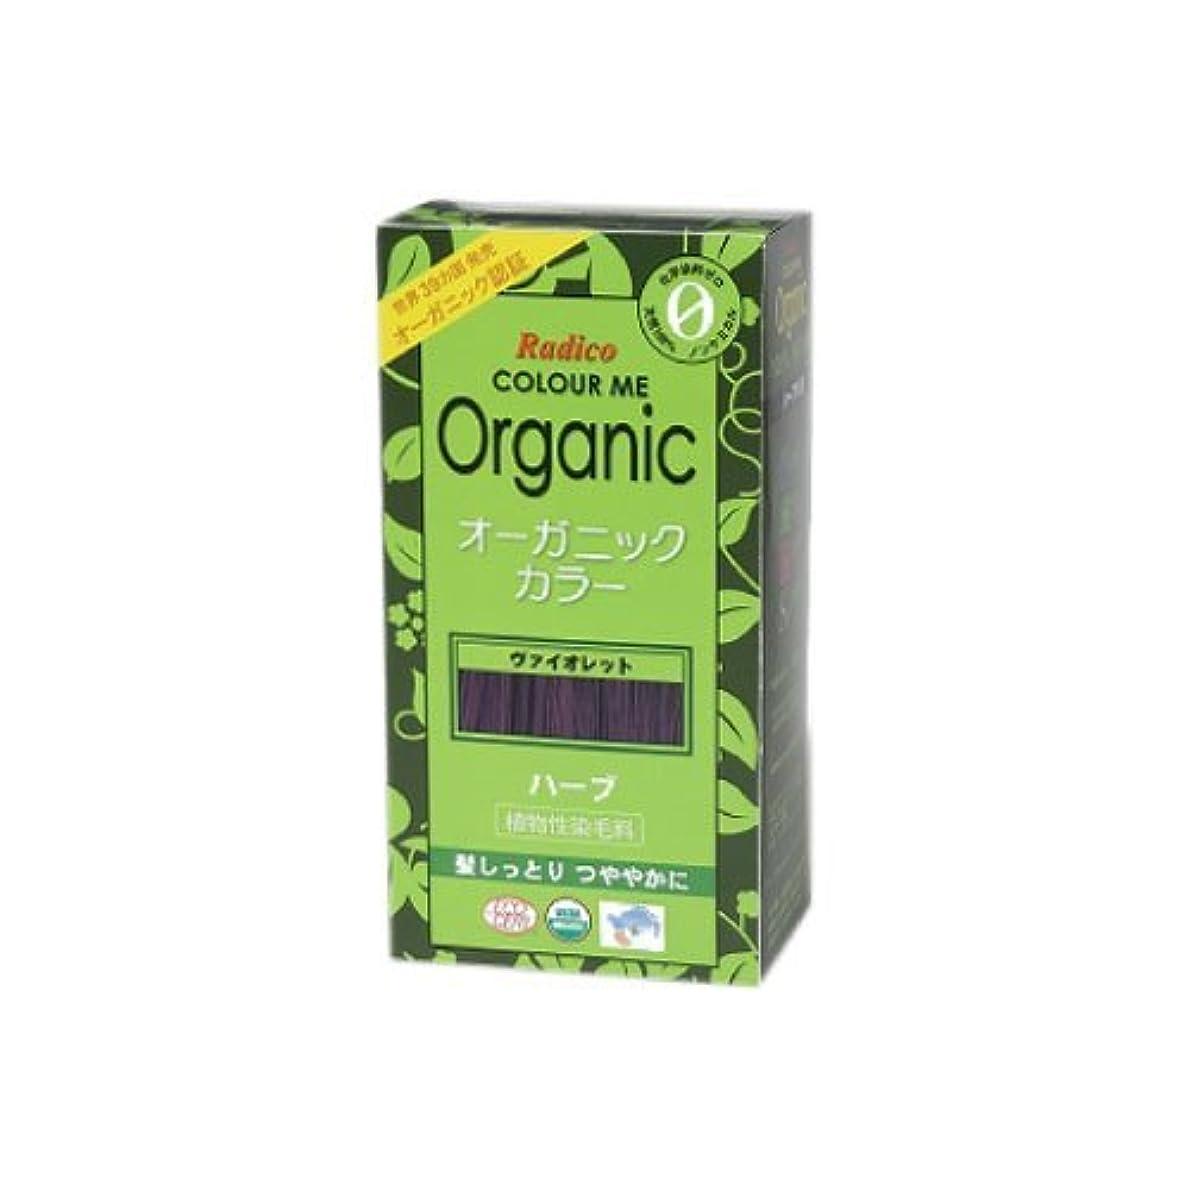 独立ロールうれしいCOLOURME Organic (カラーミーオーガニック ヘナ 白髪用 紫色) ヴァイオレット 100g